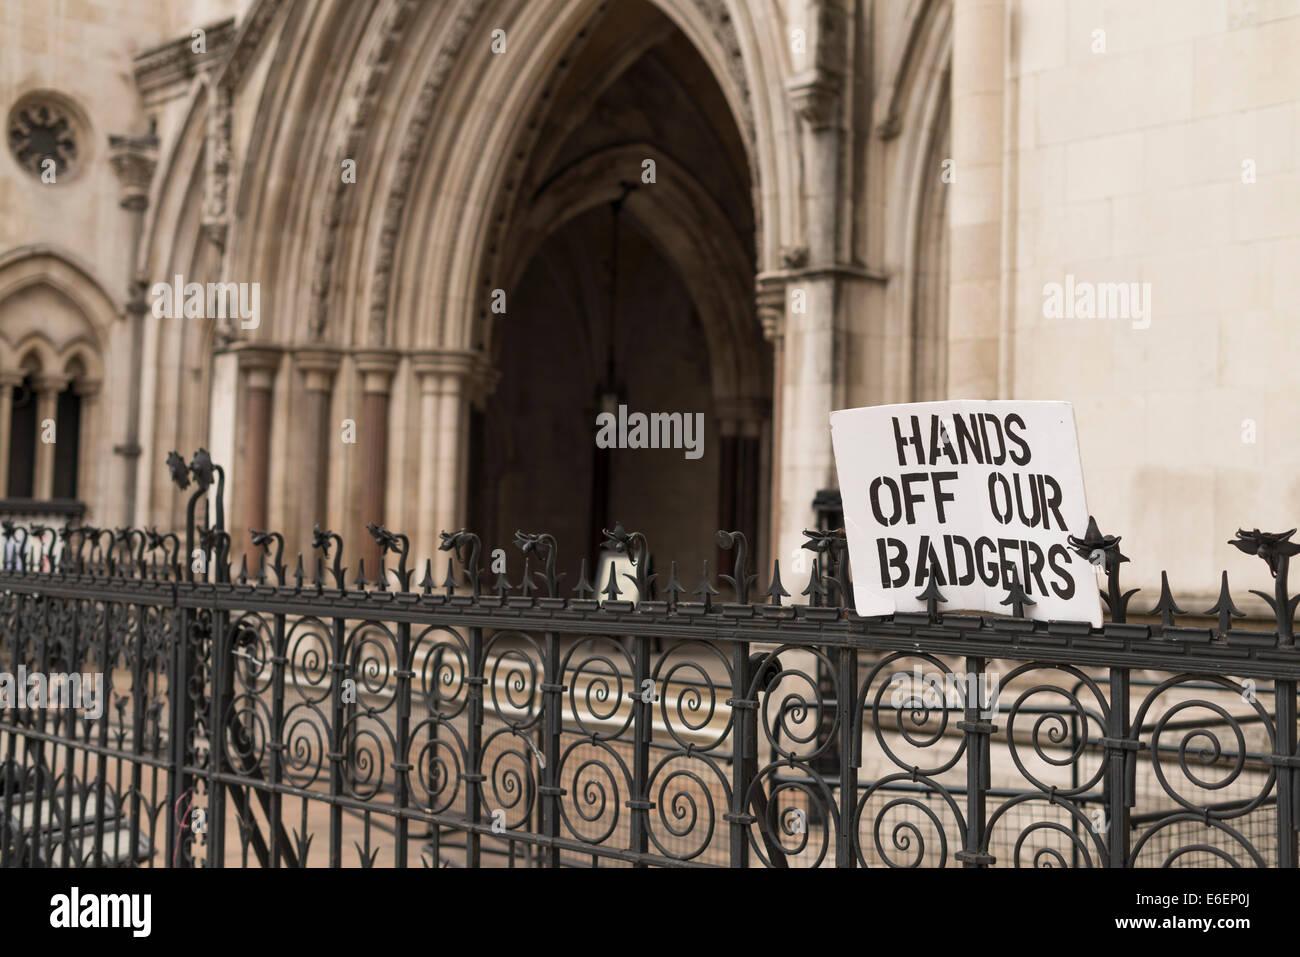 Königliche Gerichte der Justiz Badger protestieren Zeichen. Stockfoto